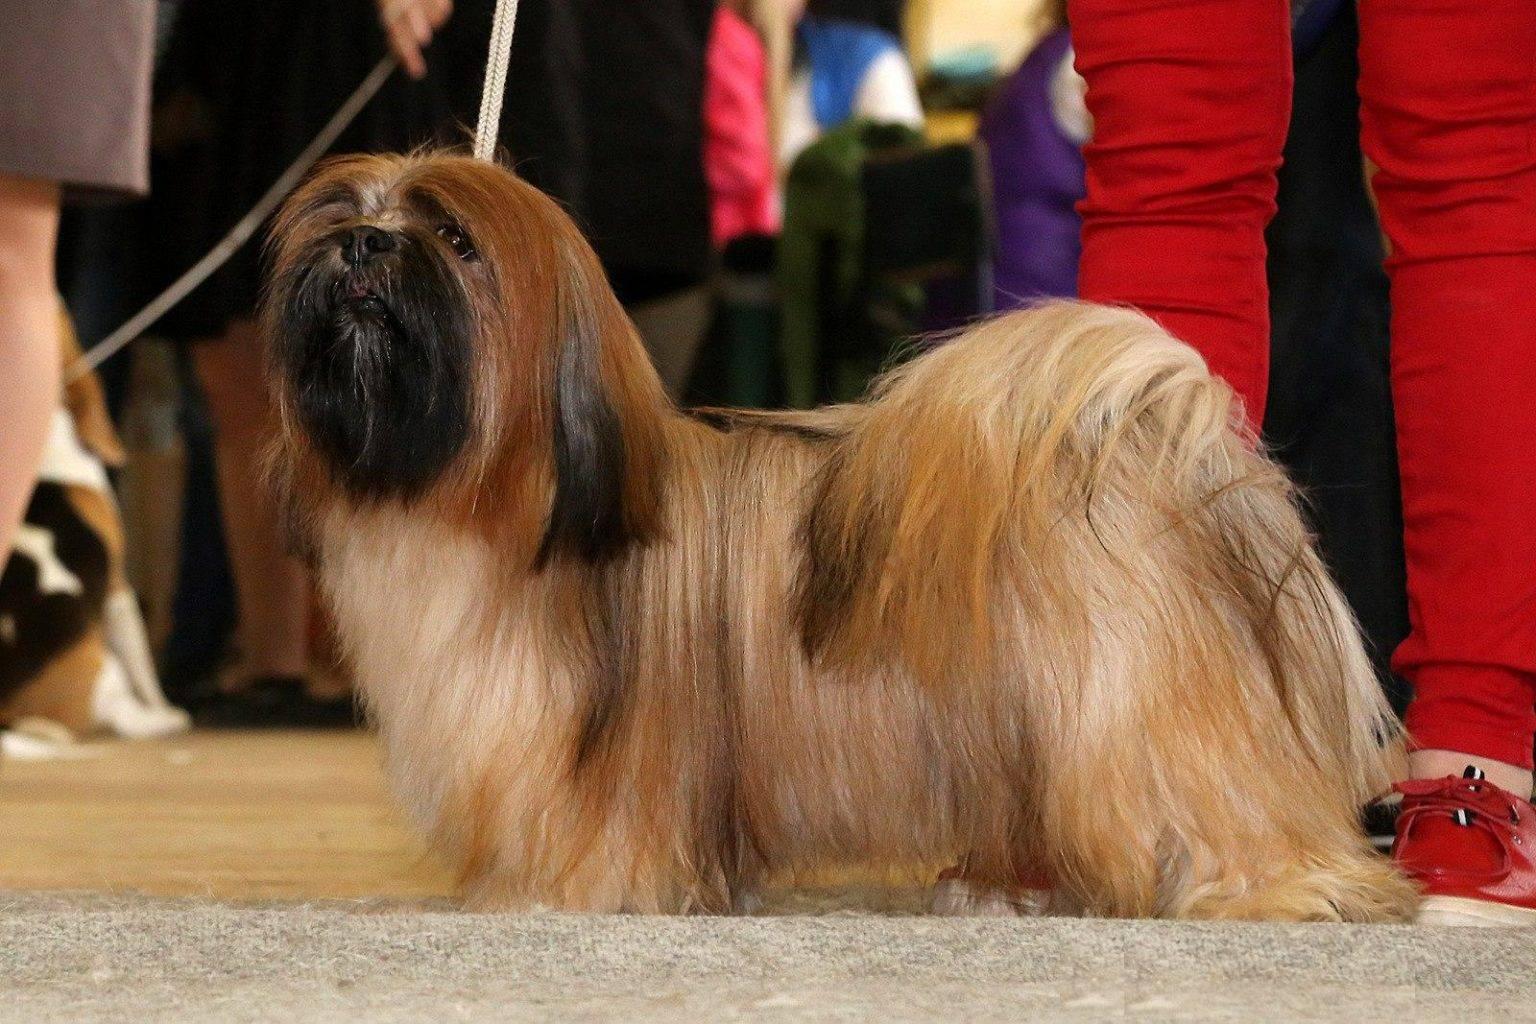 Лхаса апсо — священная собака из тибета лхаса апсо — священная собака из тибета